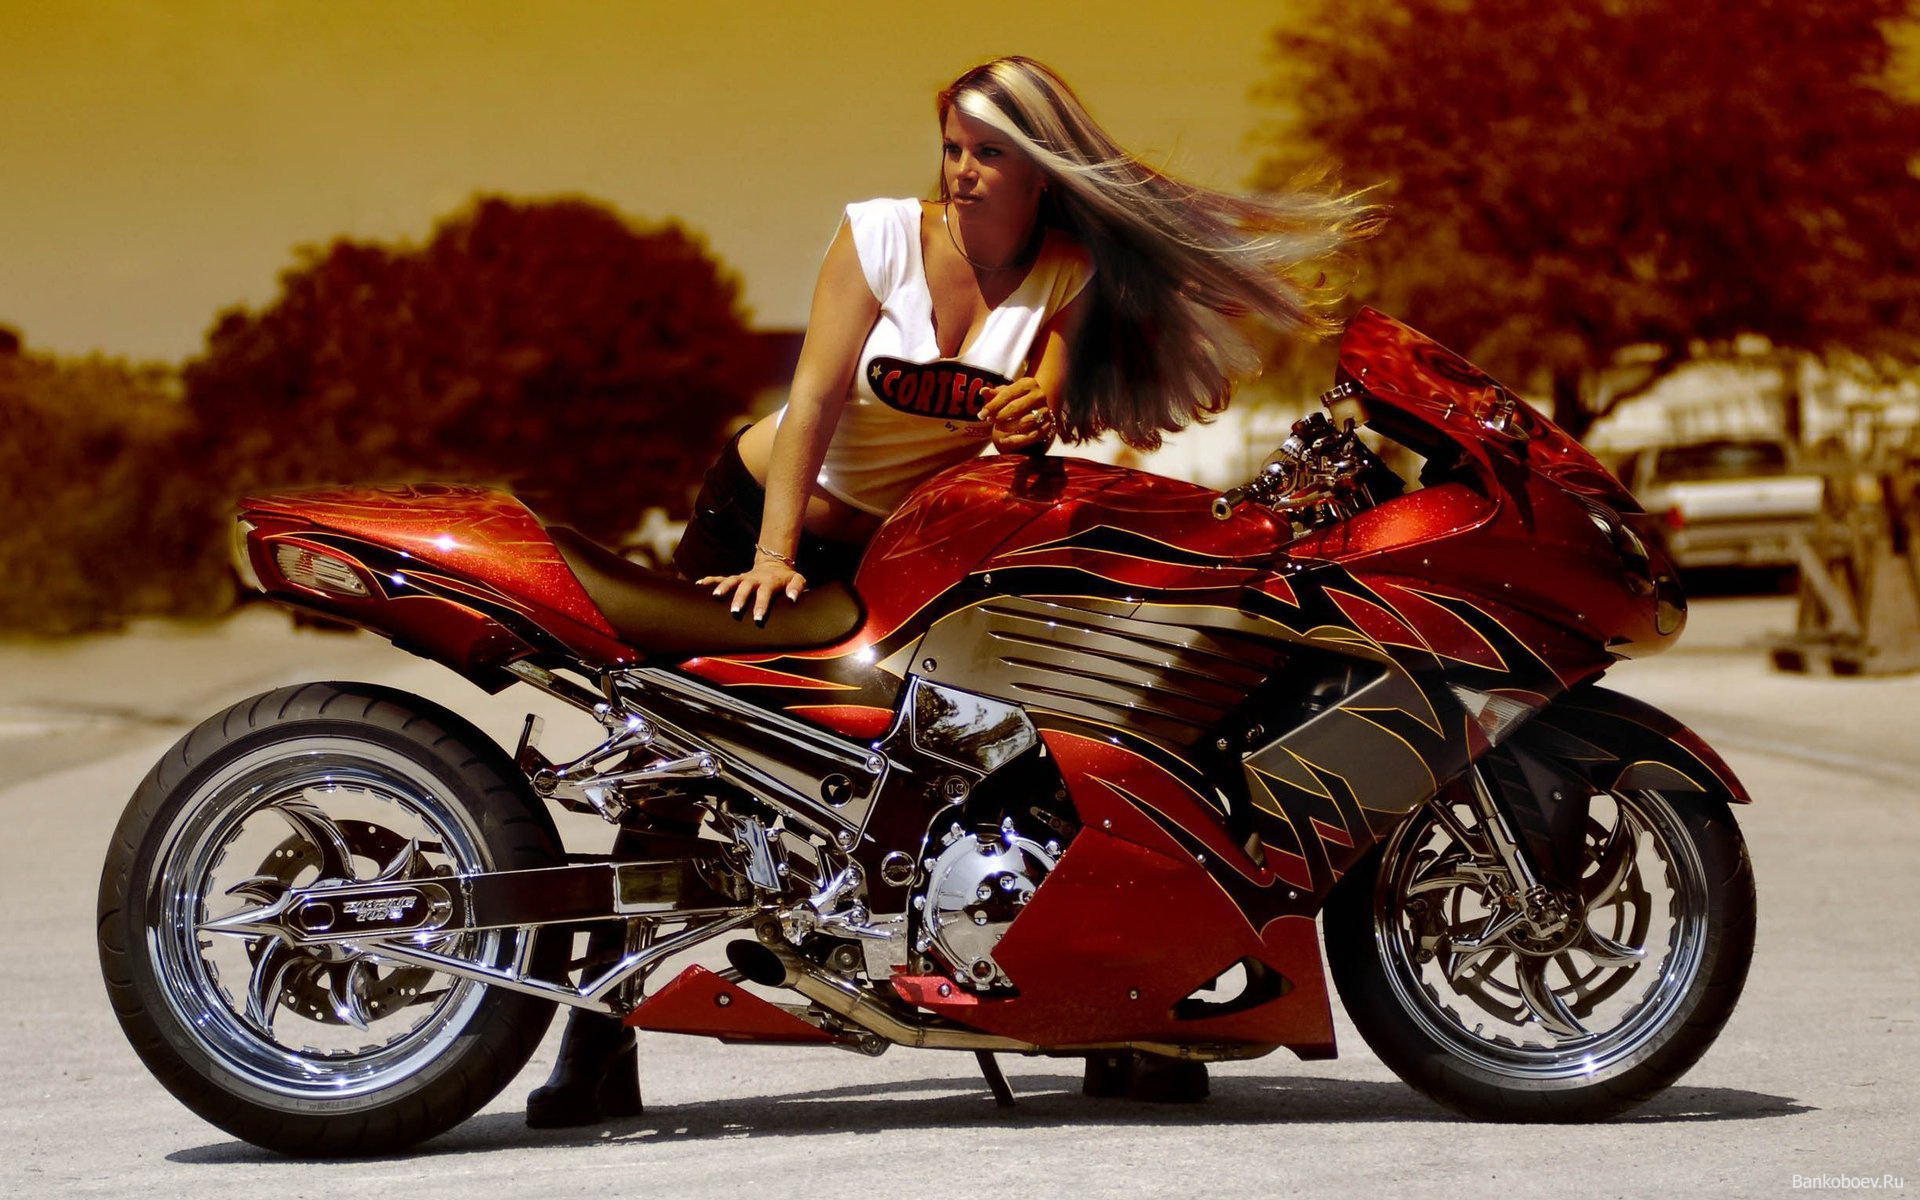 красный байк и мотоцикл, спорт, обои, красивое фото